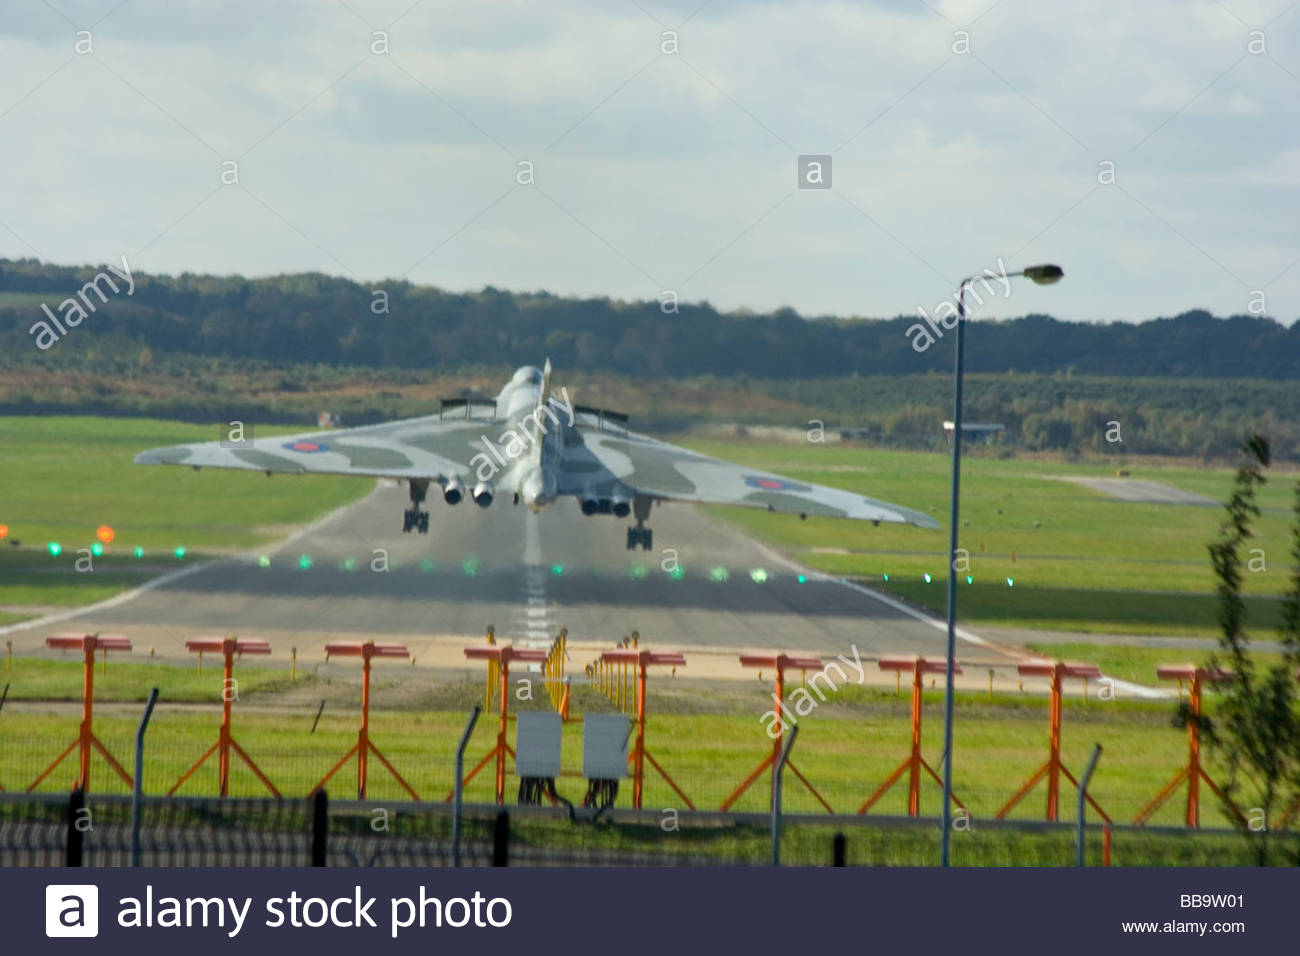 Guerra Fría Bombardero Vulcan sobre finals touchdown Farnborough desde detrás del tubo aunque Jet Haze Imagen De Stock